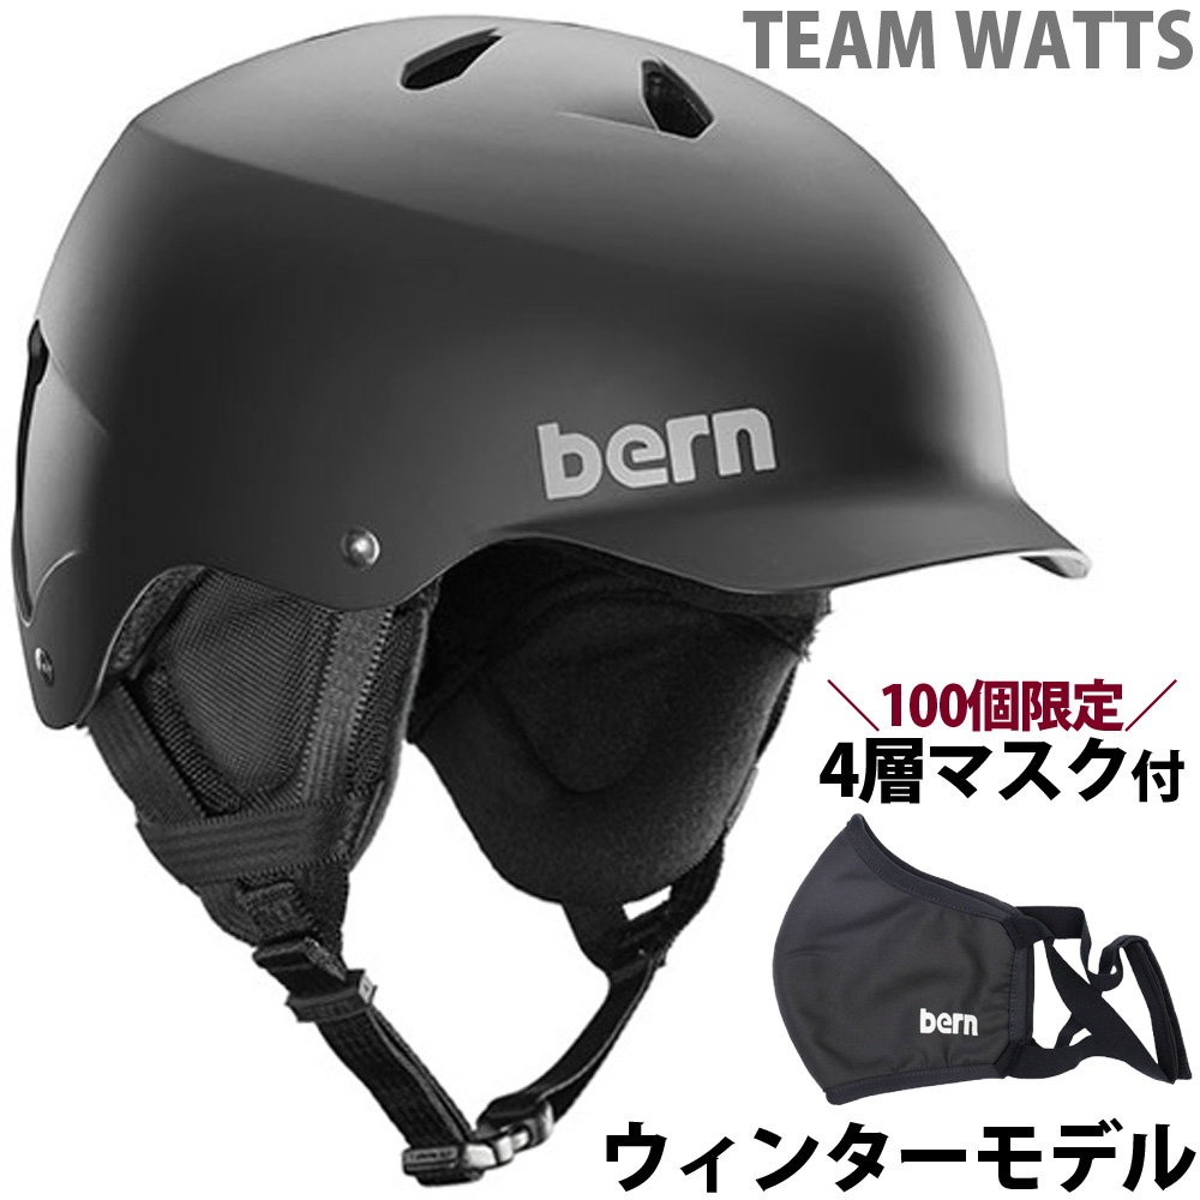 ヘルメット bern スノーボード スキー スノボ BMX 自転車 バイク おしゃれ かっこいい TEAM WATTS[チームワッツ] MATTE BLACK [2018-19モデル] BE-SM26T18MBK(TW) 国内正規販売店